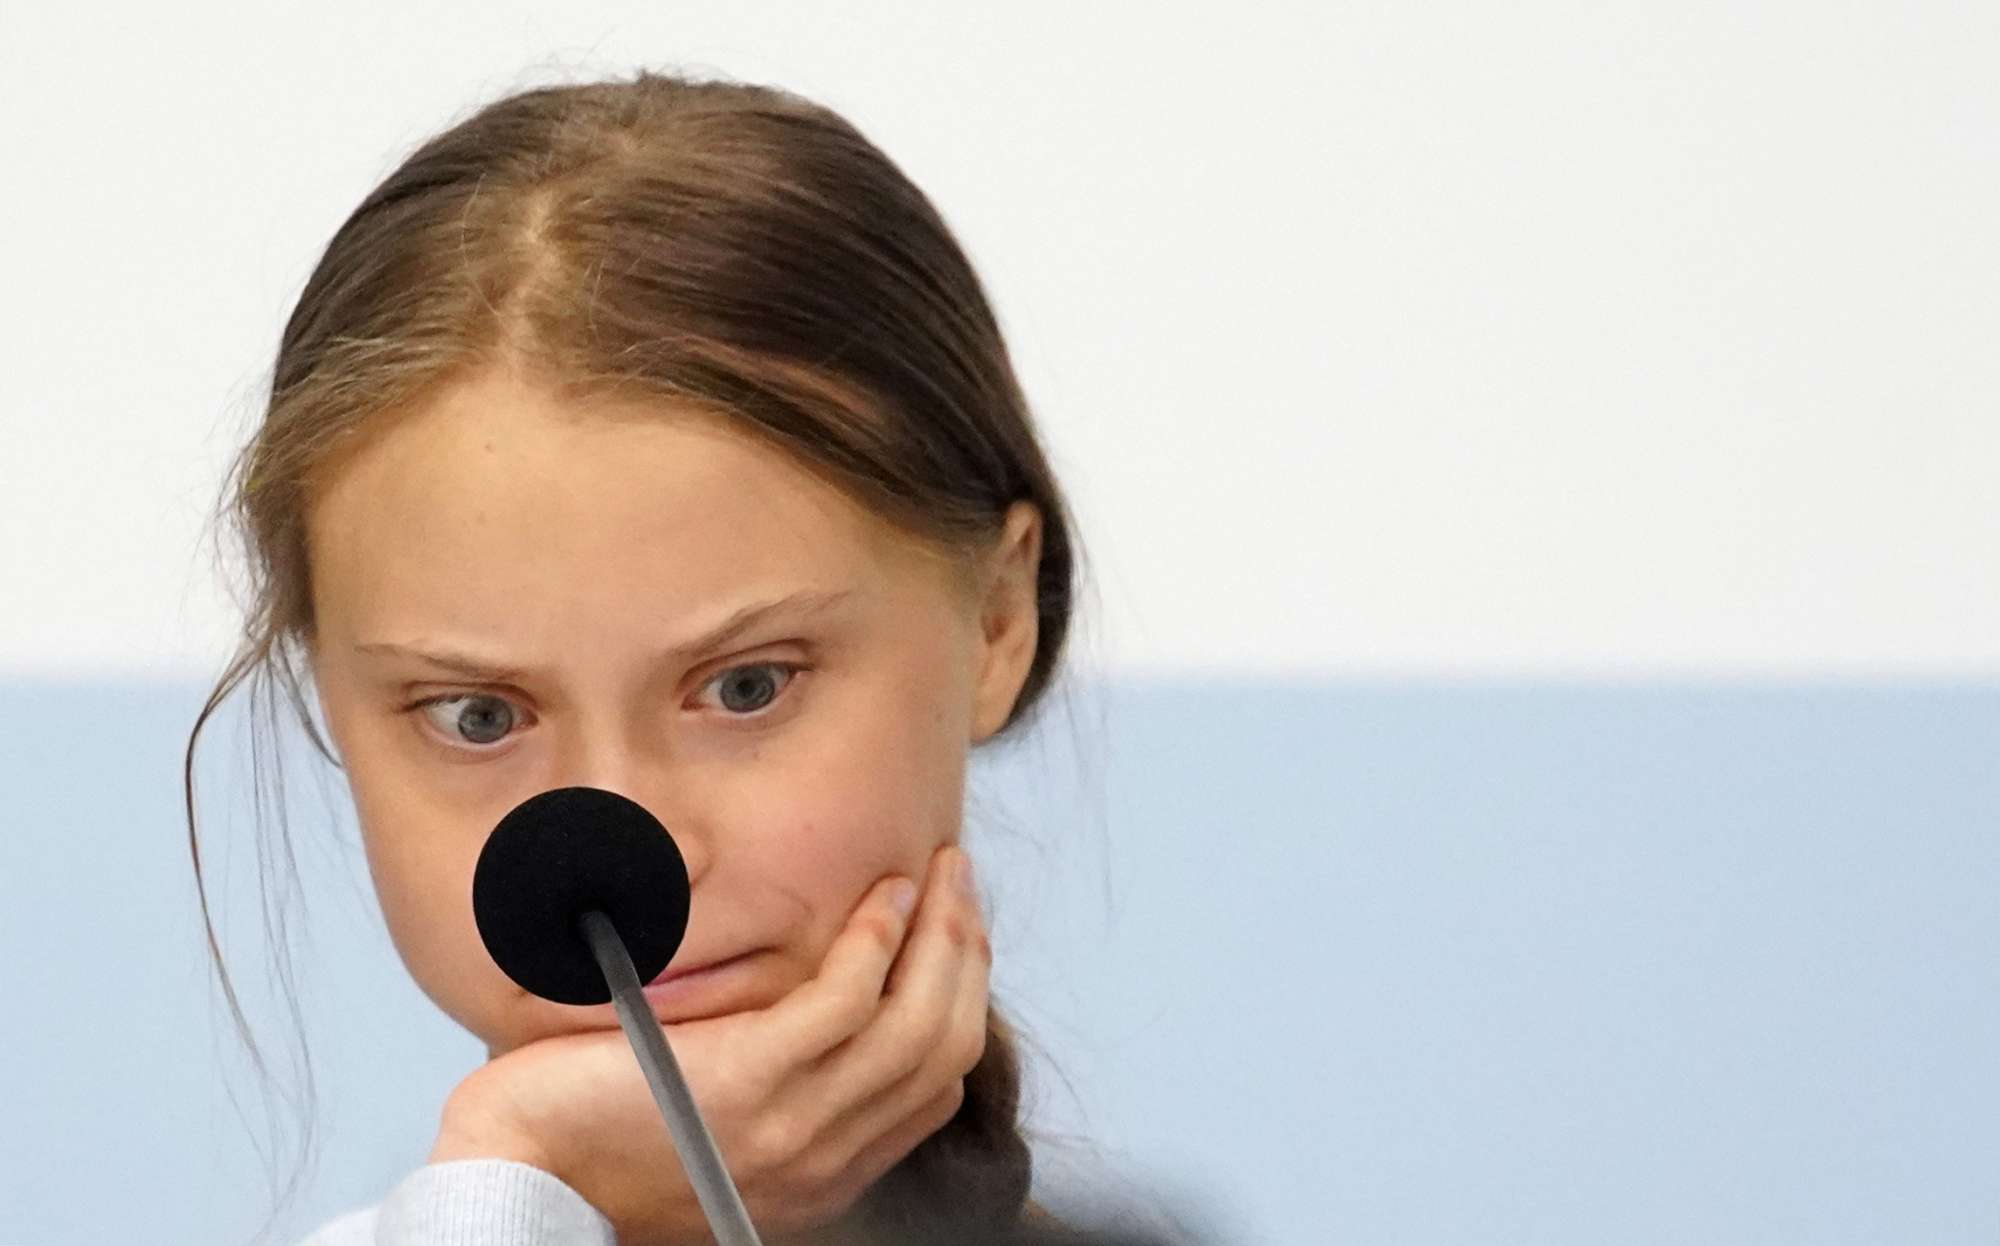 Και στη Μαδρίτη η Γκρέτα, για το κλίμα: όχι, δεν είναι αλλήθωρο το παιδί, στραβό ήταν το κλήμα της στιγμής